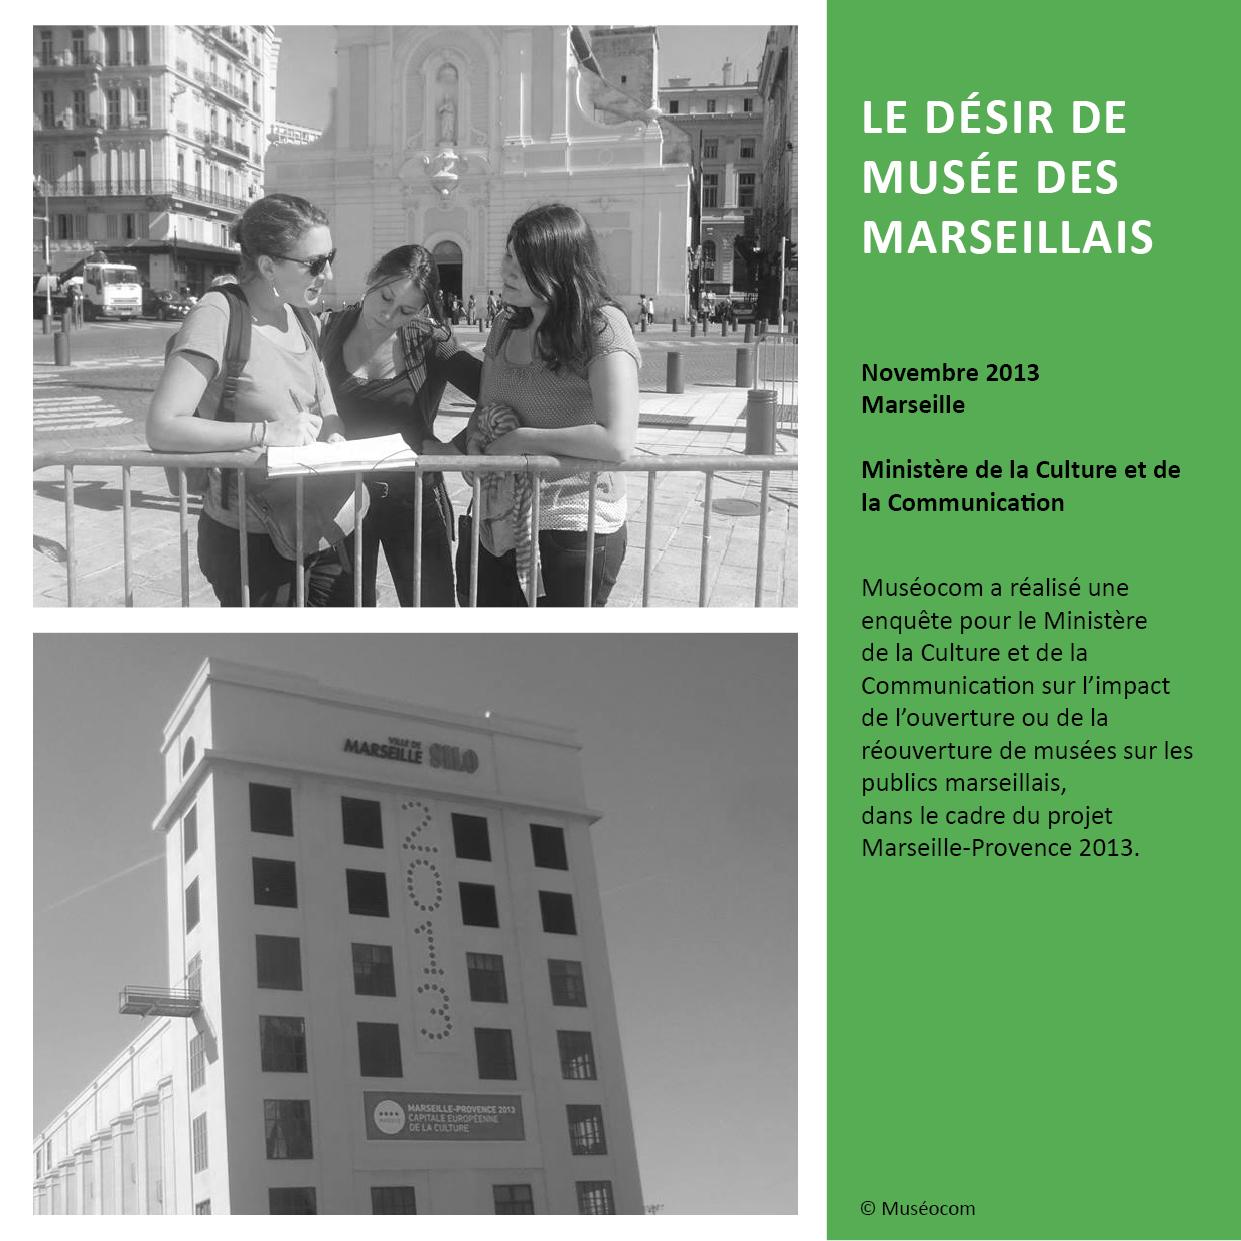 LE DÉSIR DE MUSÉE DES MARSEILLAIS